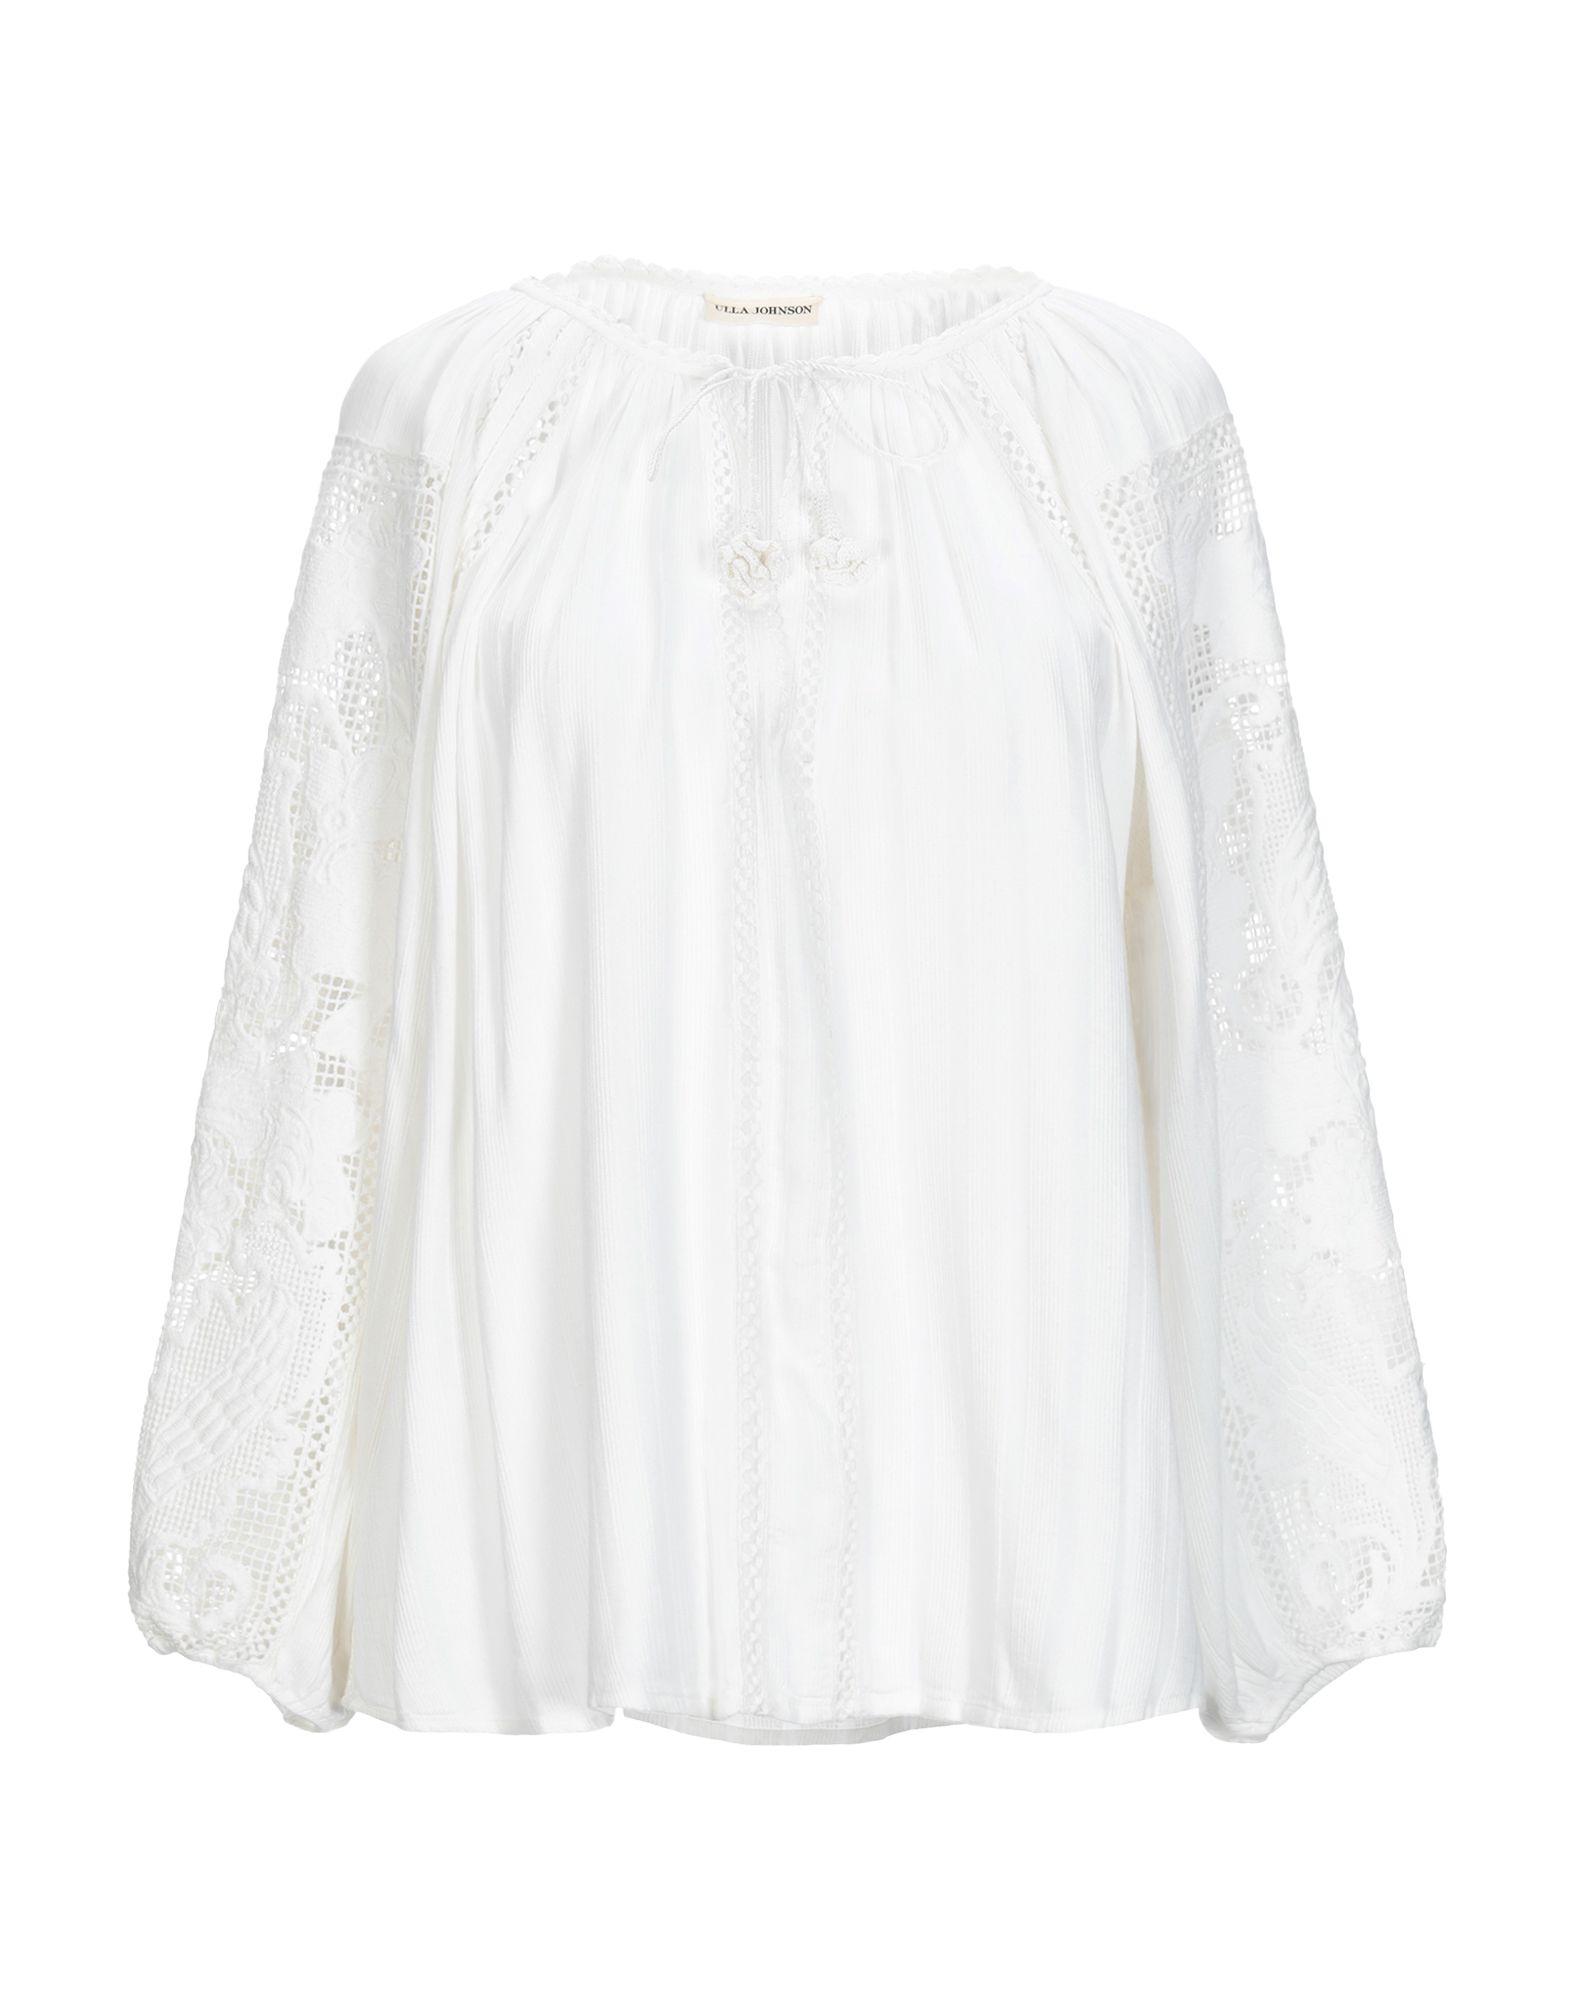 ULLA JOHNSON Блузка цены онлайн